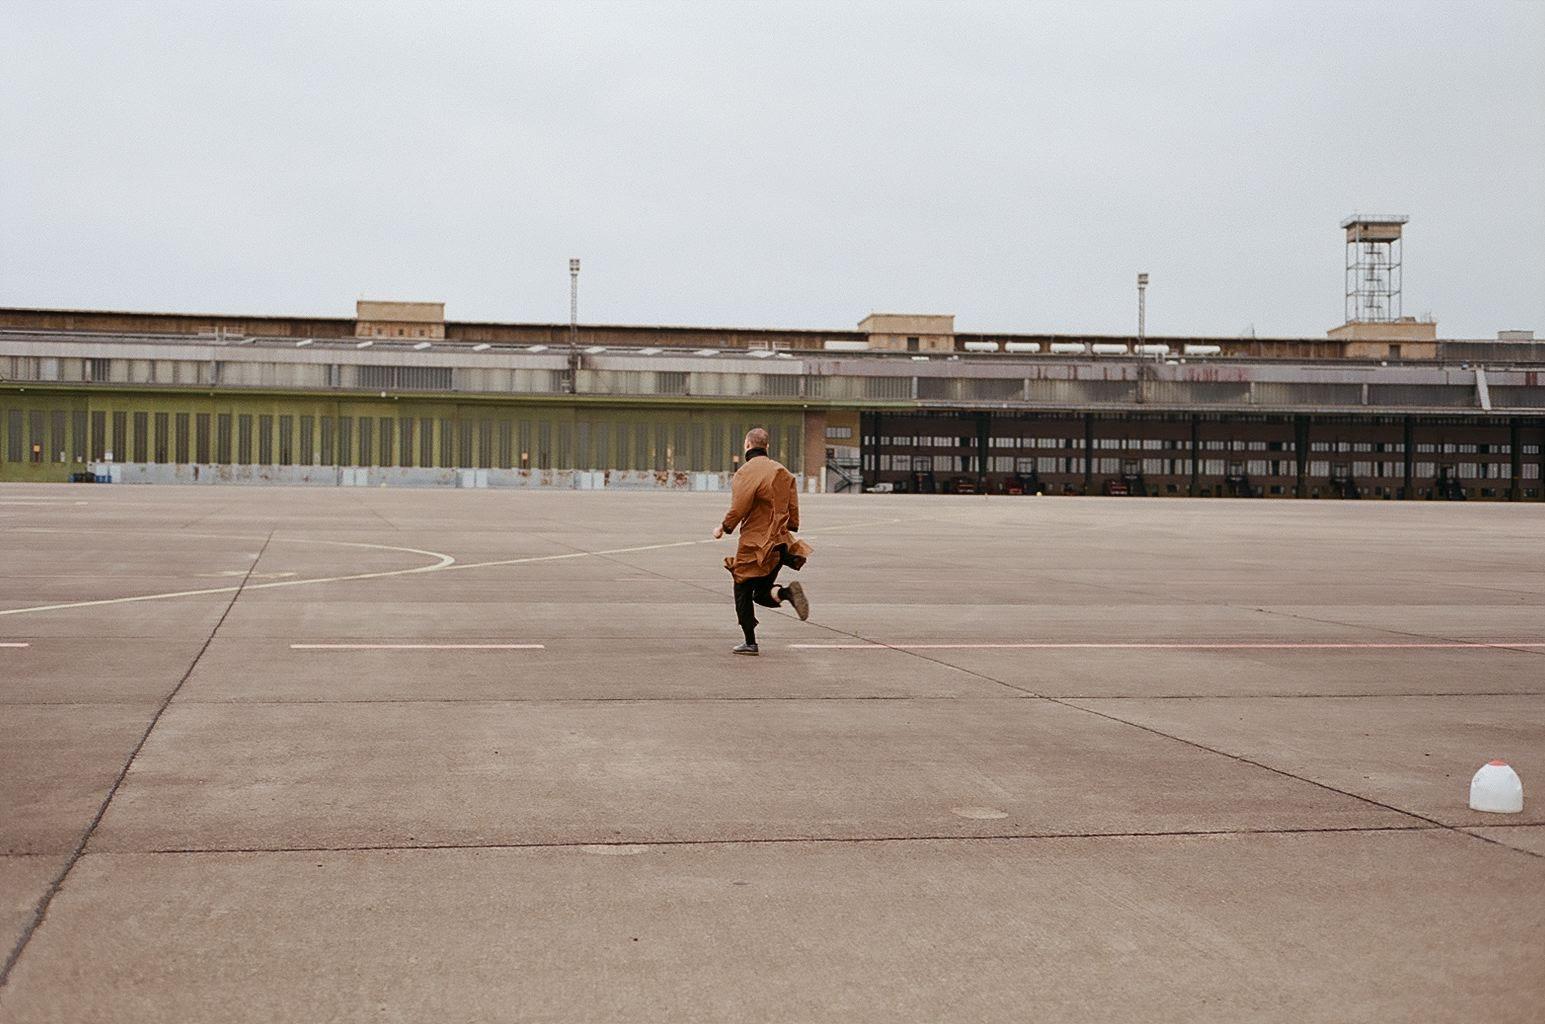 солист shortparis исследует аэропорт темпельхоф2